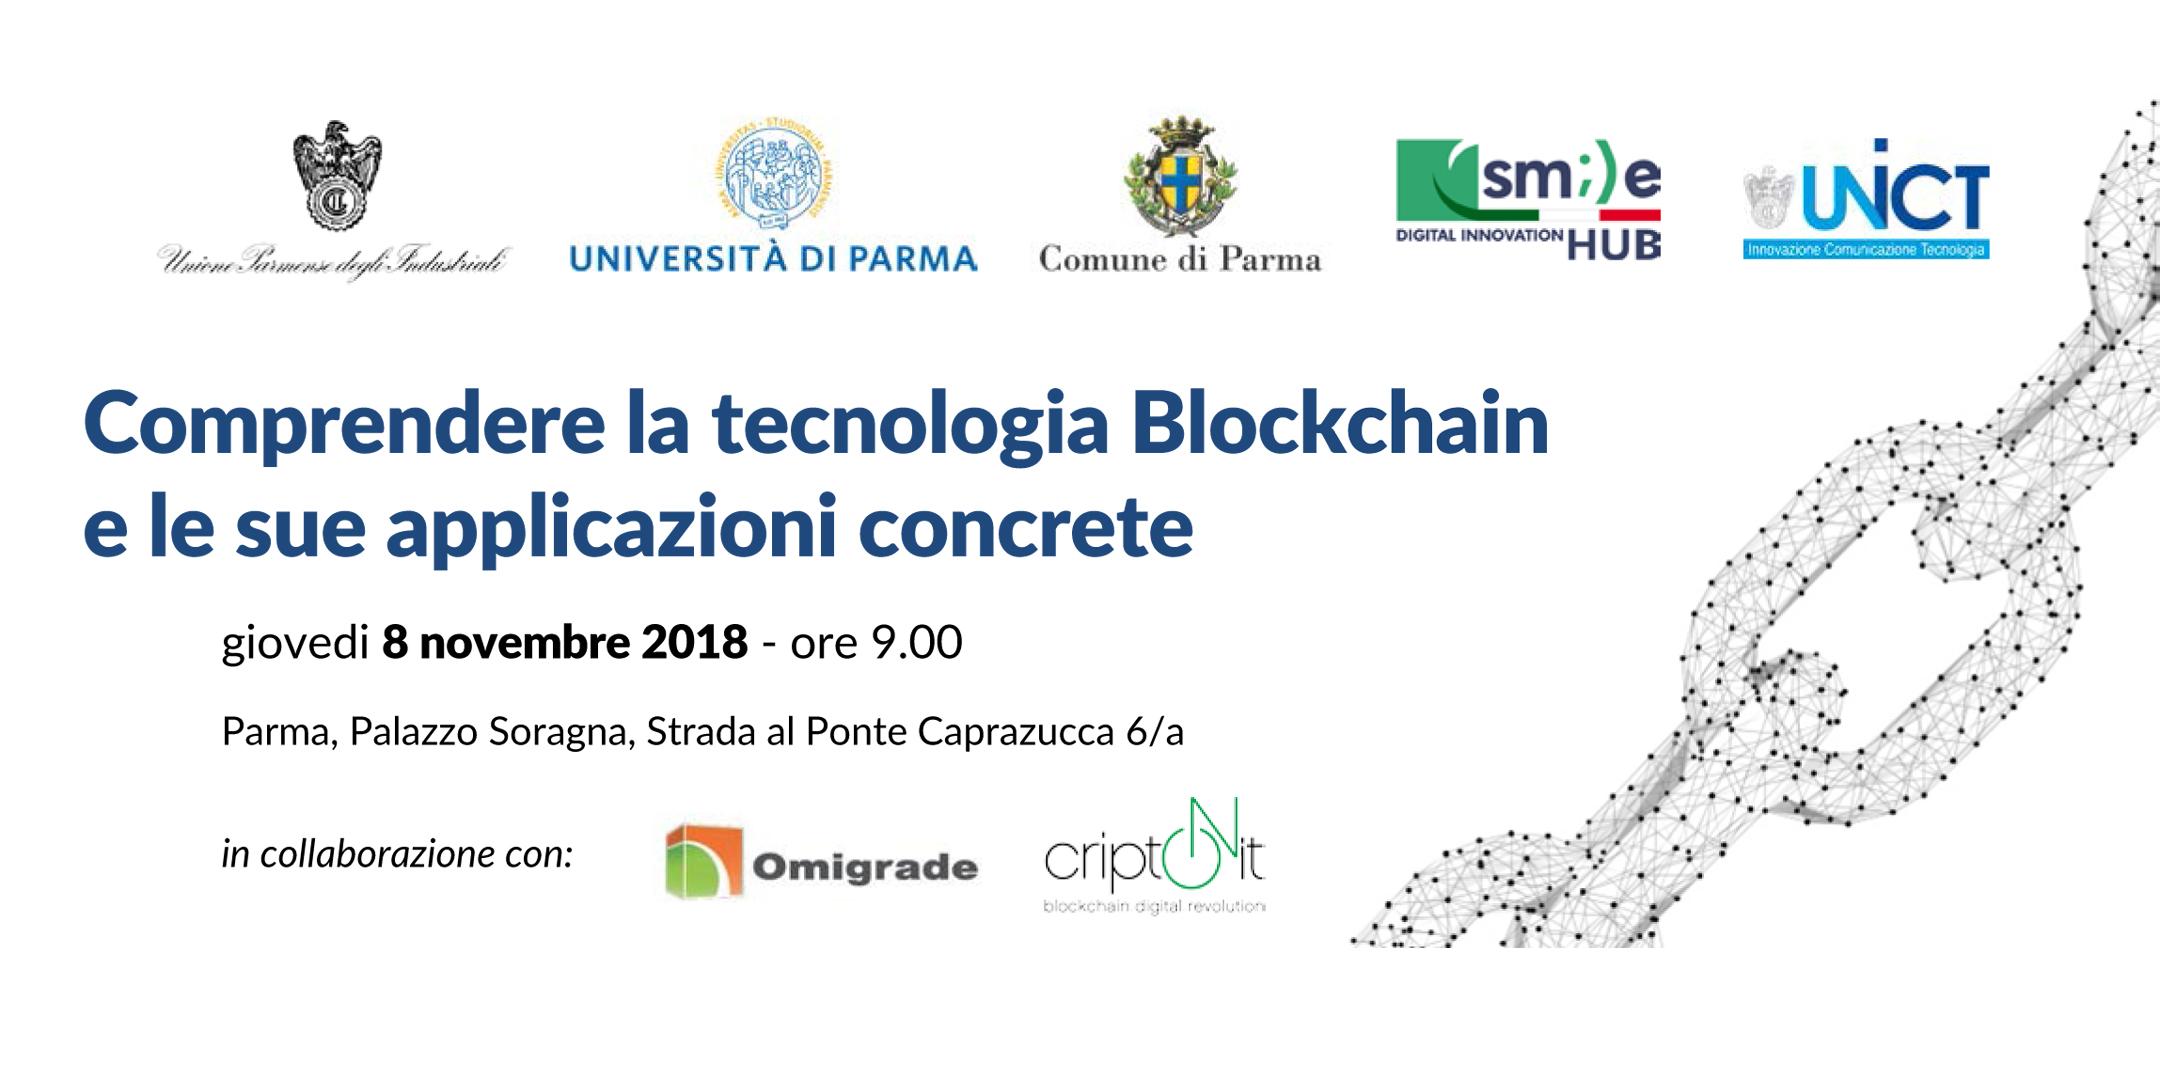 Comprendere la tecnologia Blockchain e le sue applicazioni concrete